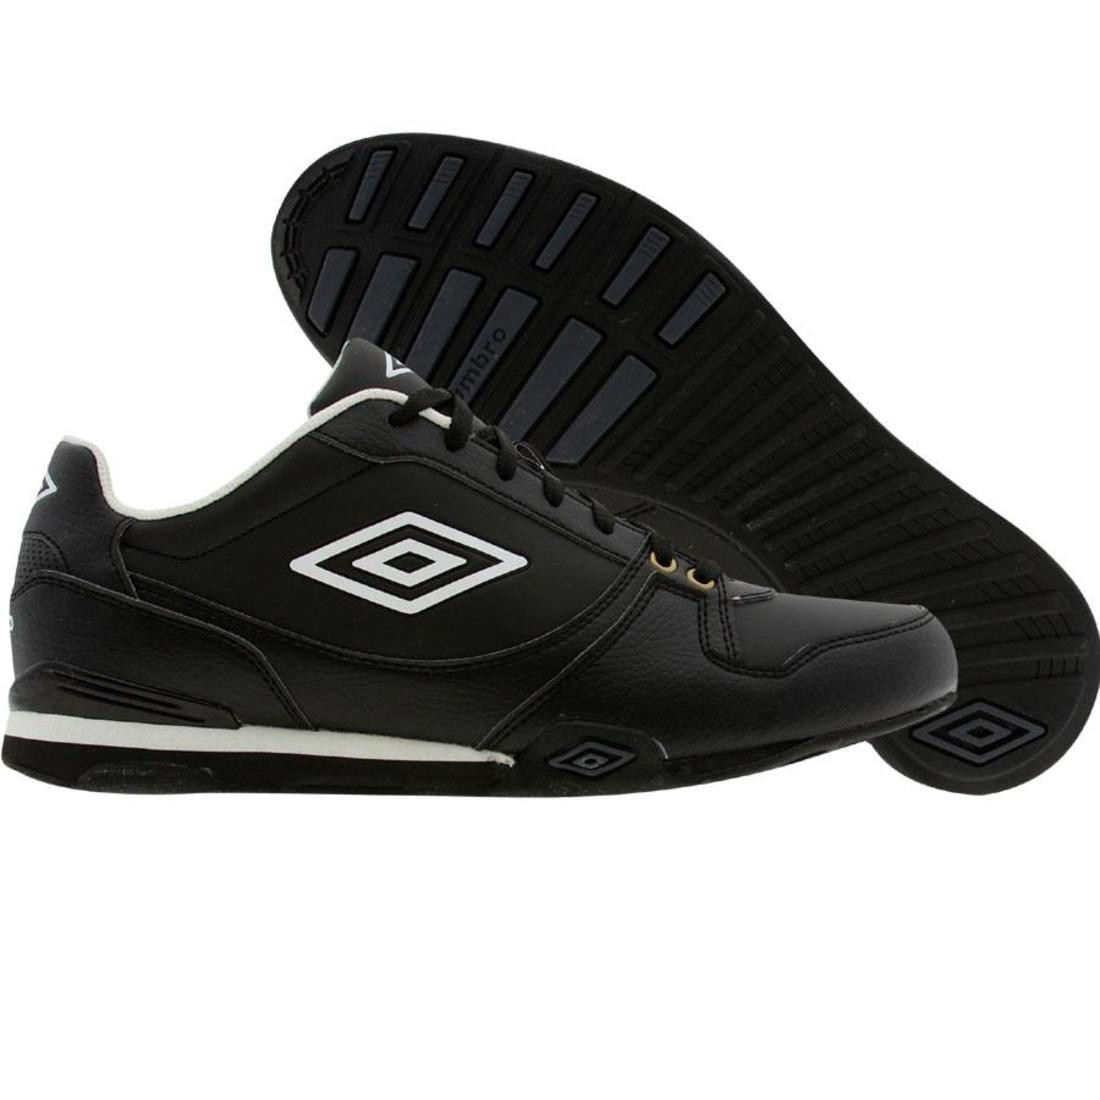 【海外限定】白 ホワイト メンズ靴 スニーカー 【 WHITE UMBRO GREMIO IIA BLACK GOLD 】